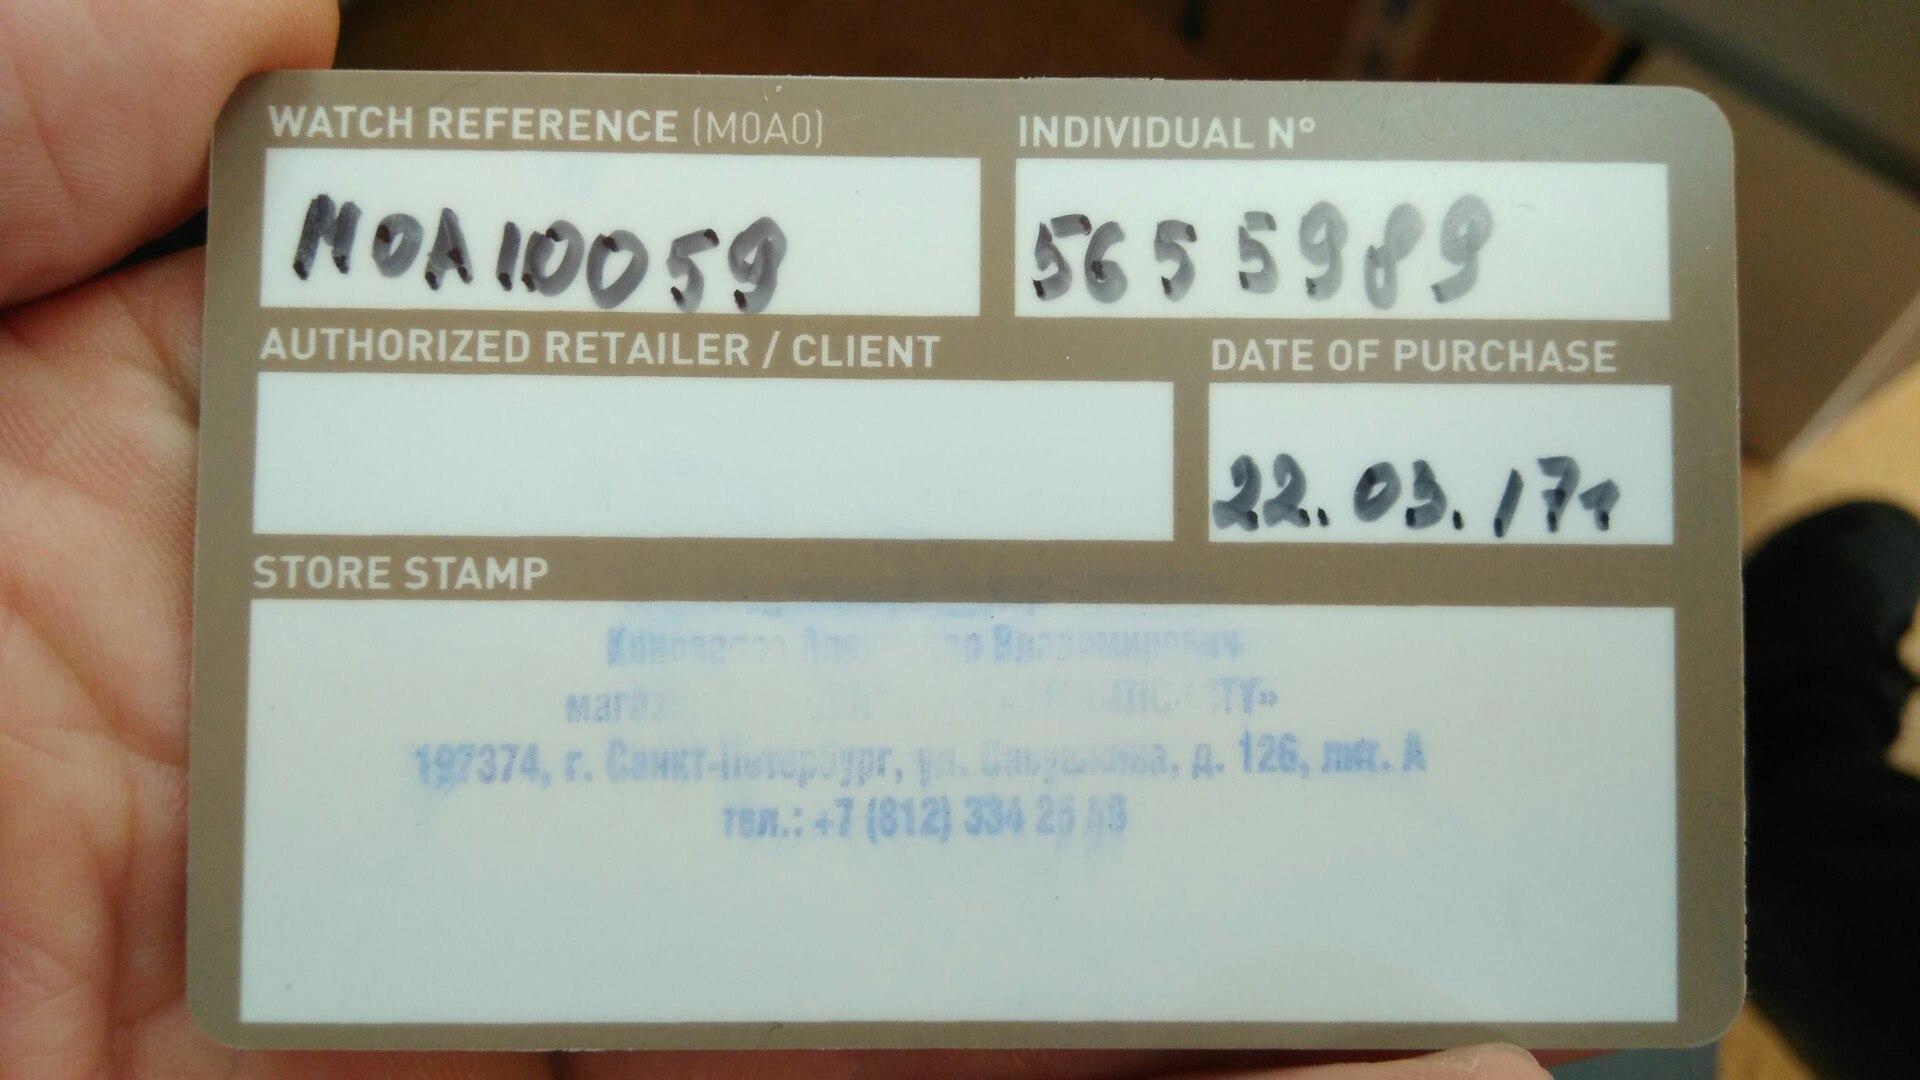 080c1f15fea2 Продажа залогового имущества из ломбарда в Новосибирске   Распродажа ...